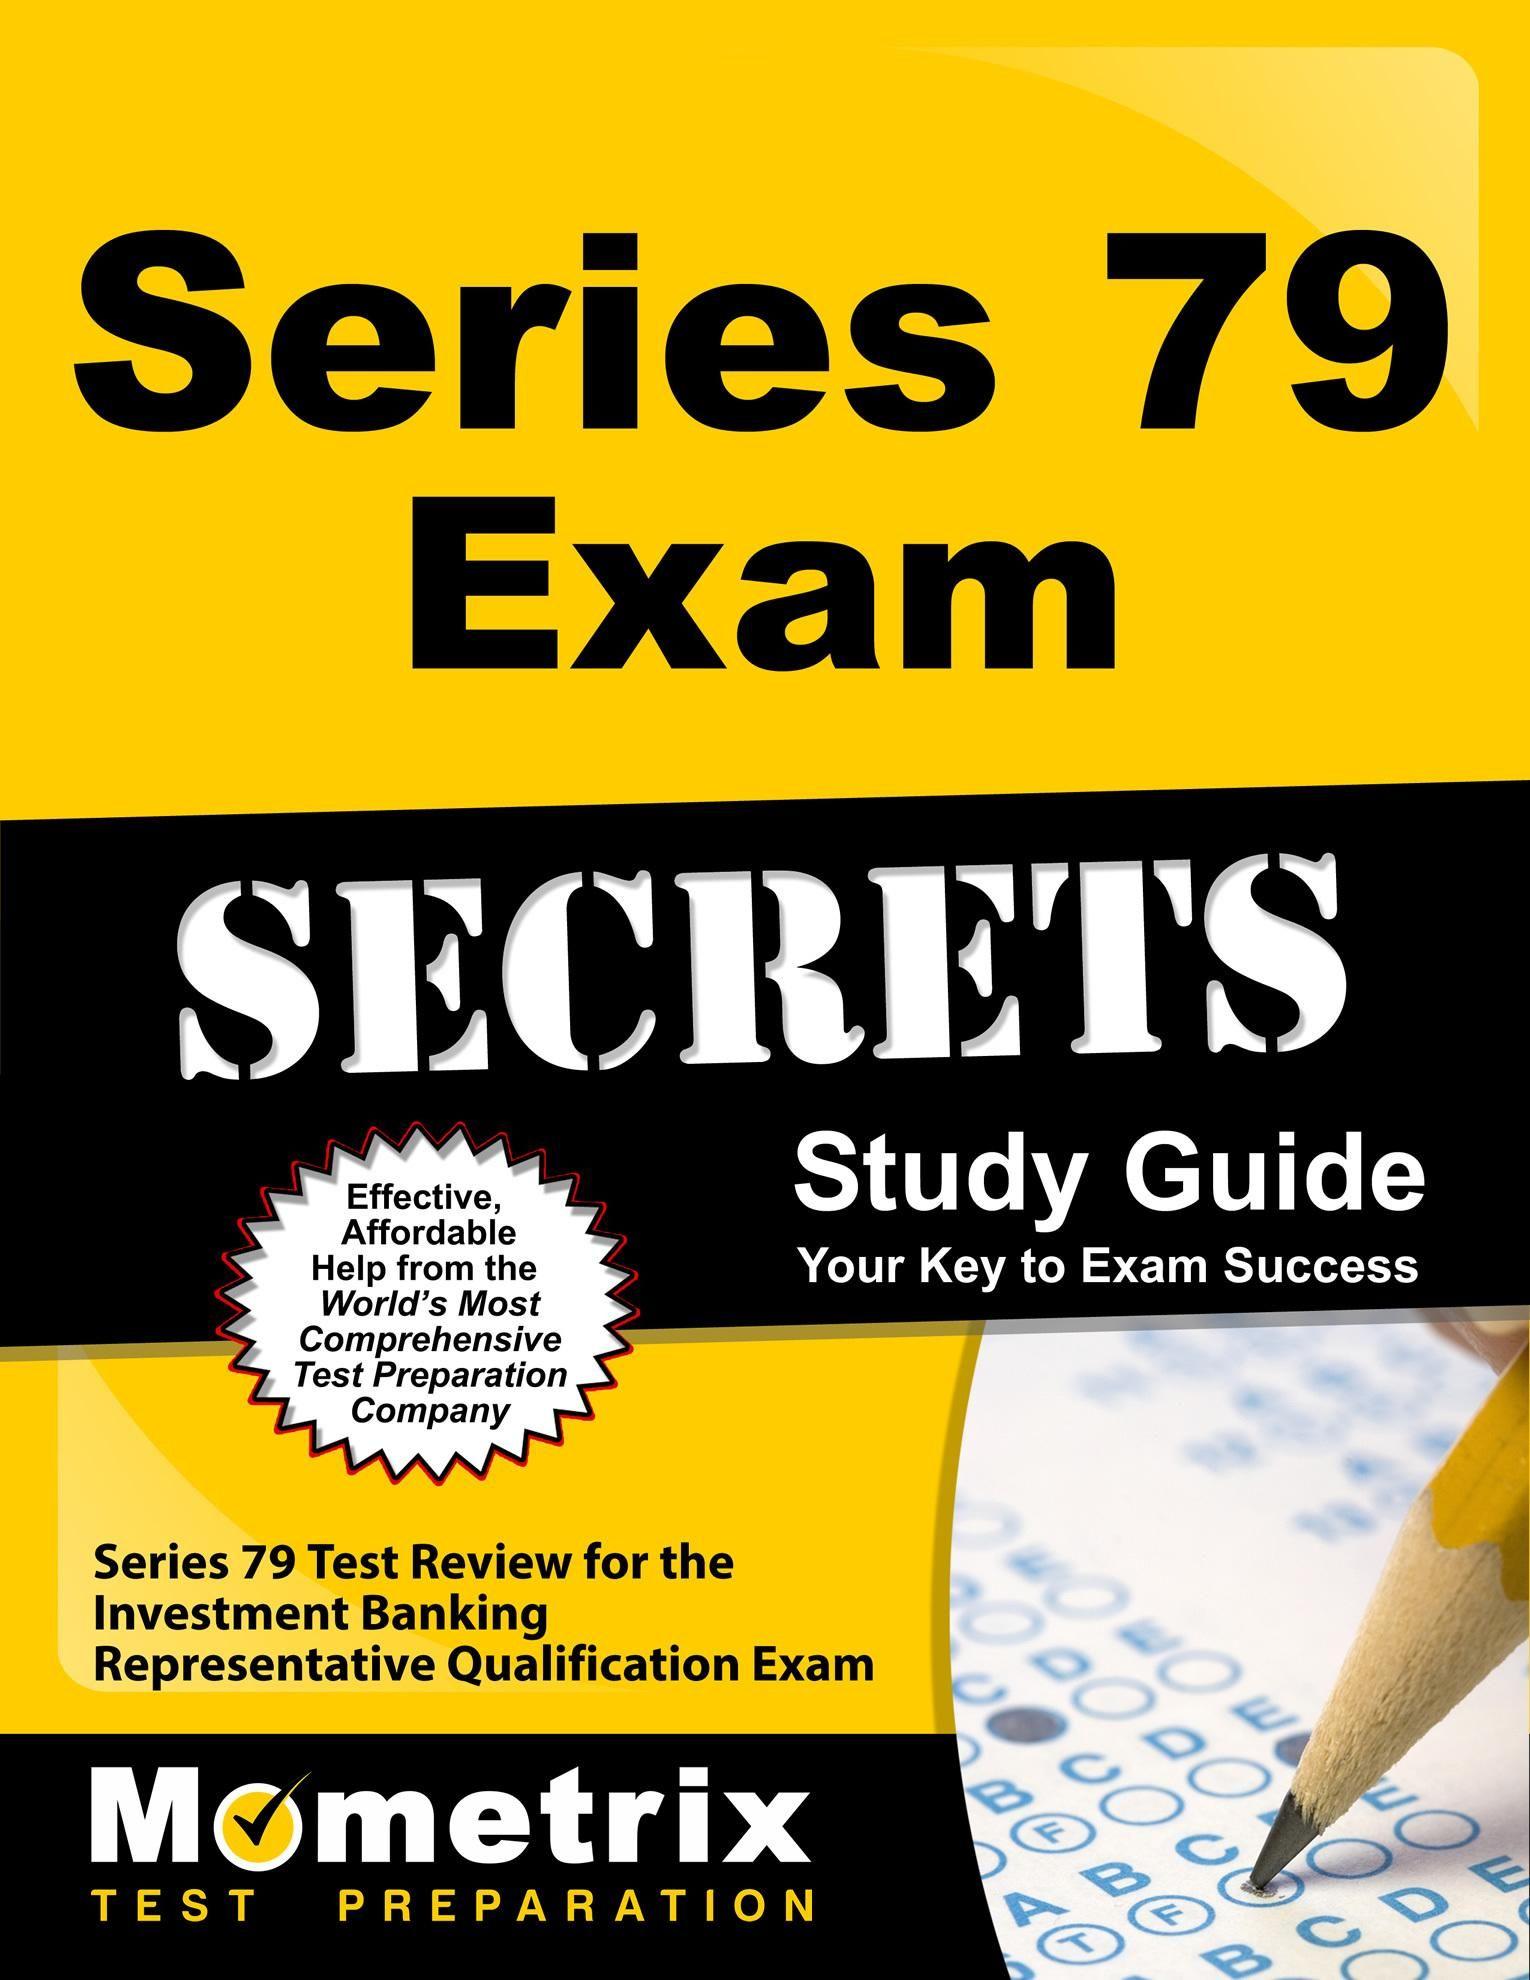 #BFCM #CyberMonday #RedShelf - #RedShelf Series 79 Exam Secrets Study Guide  -